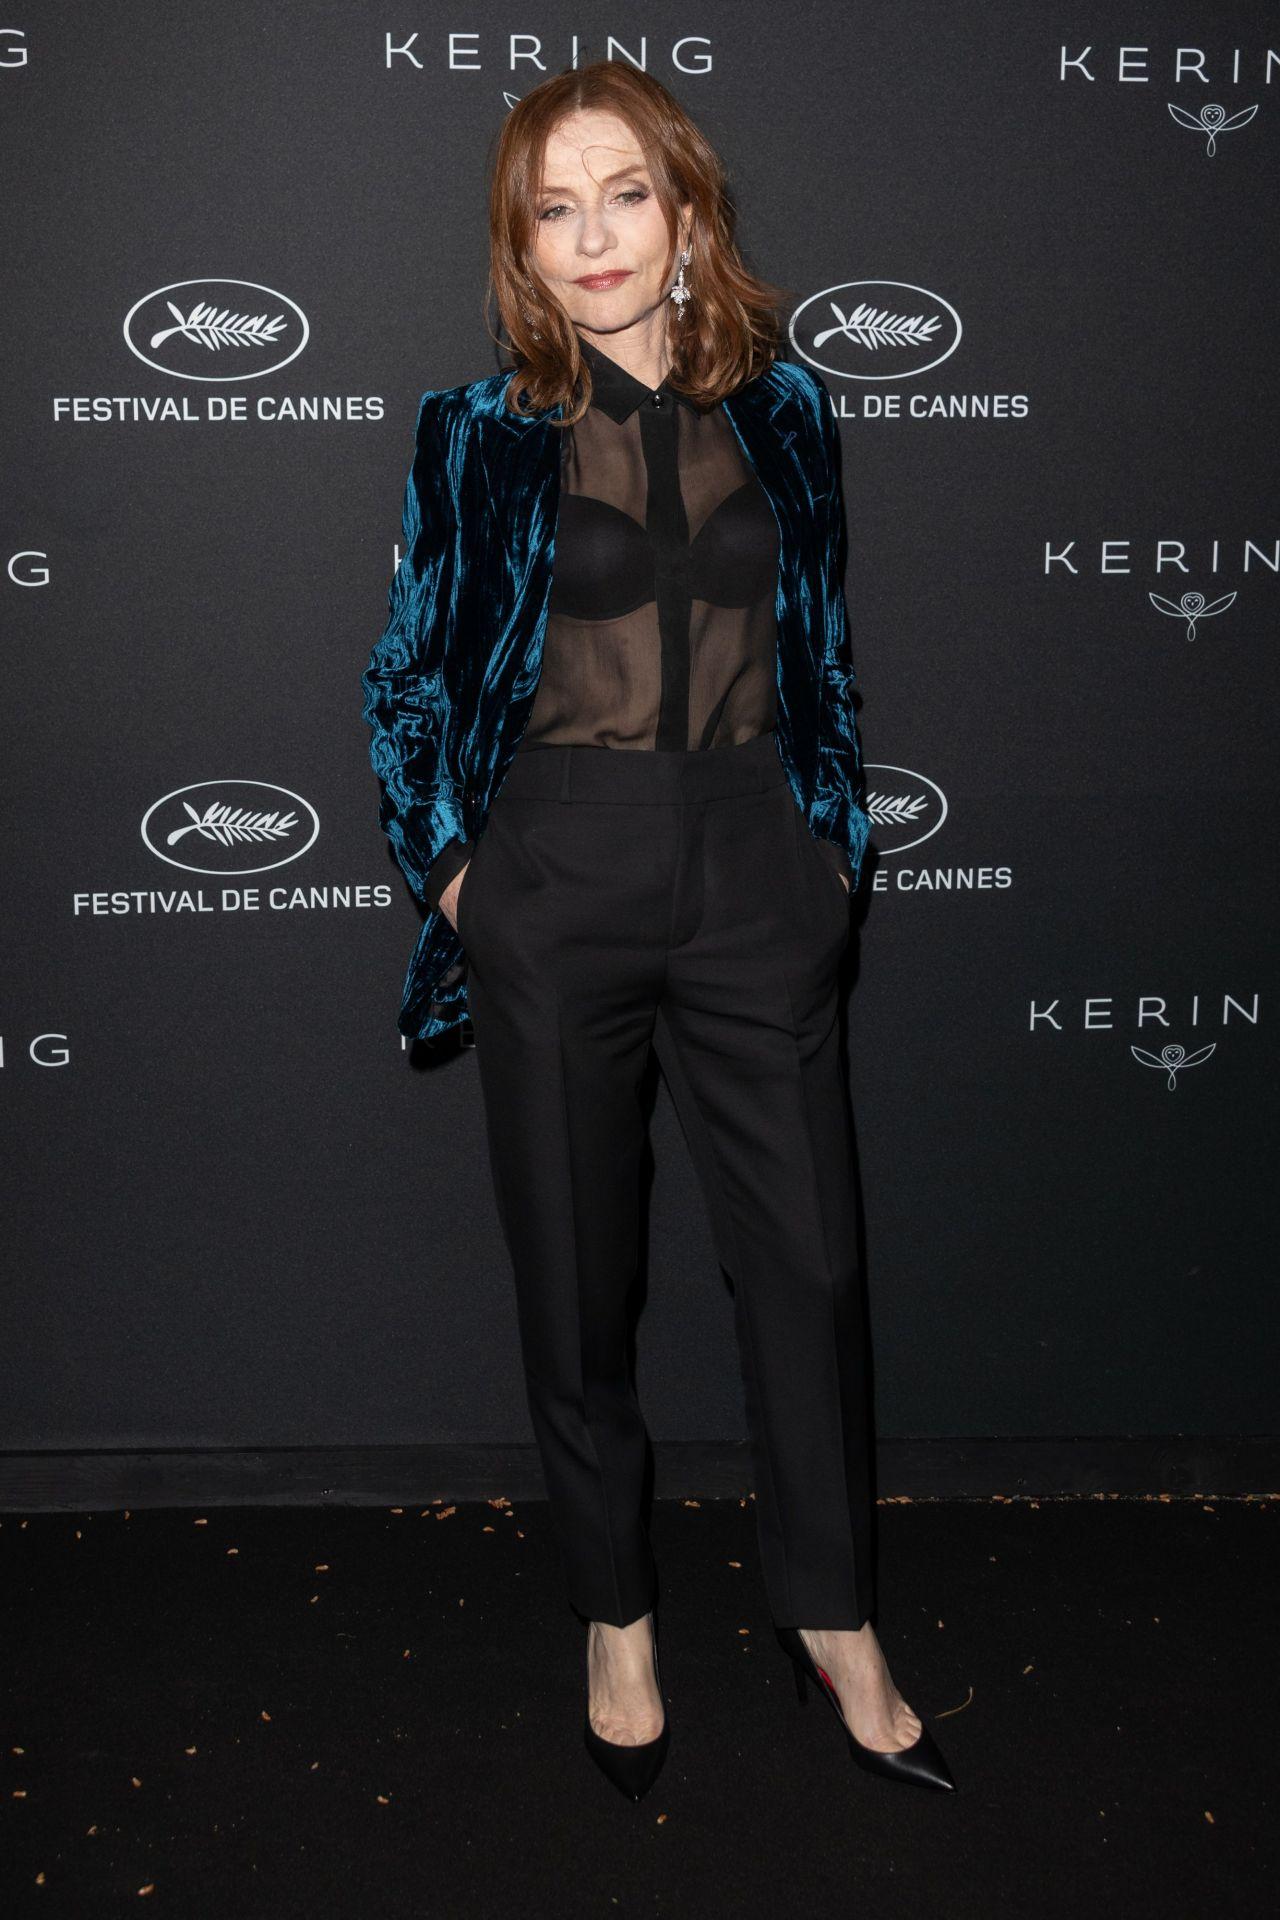 http://celebmafia.com/wp-content/uploads/2018/05/isabelle-huppert-kering-women-in-motion-awards-dinner-at-cannes-film-festival-2018-3.jpg